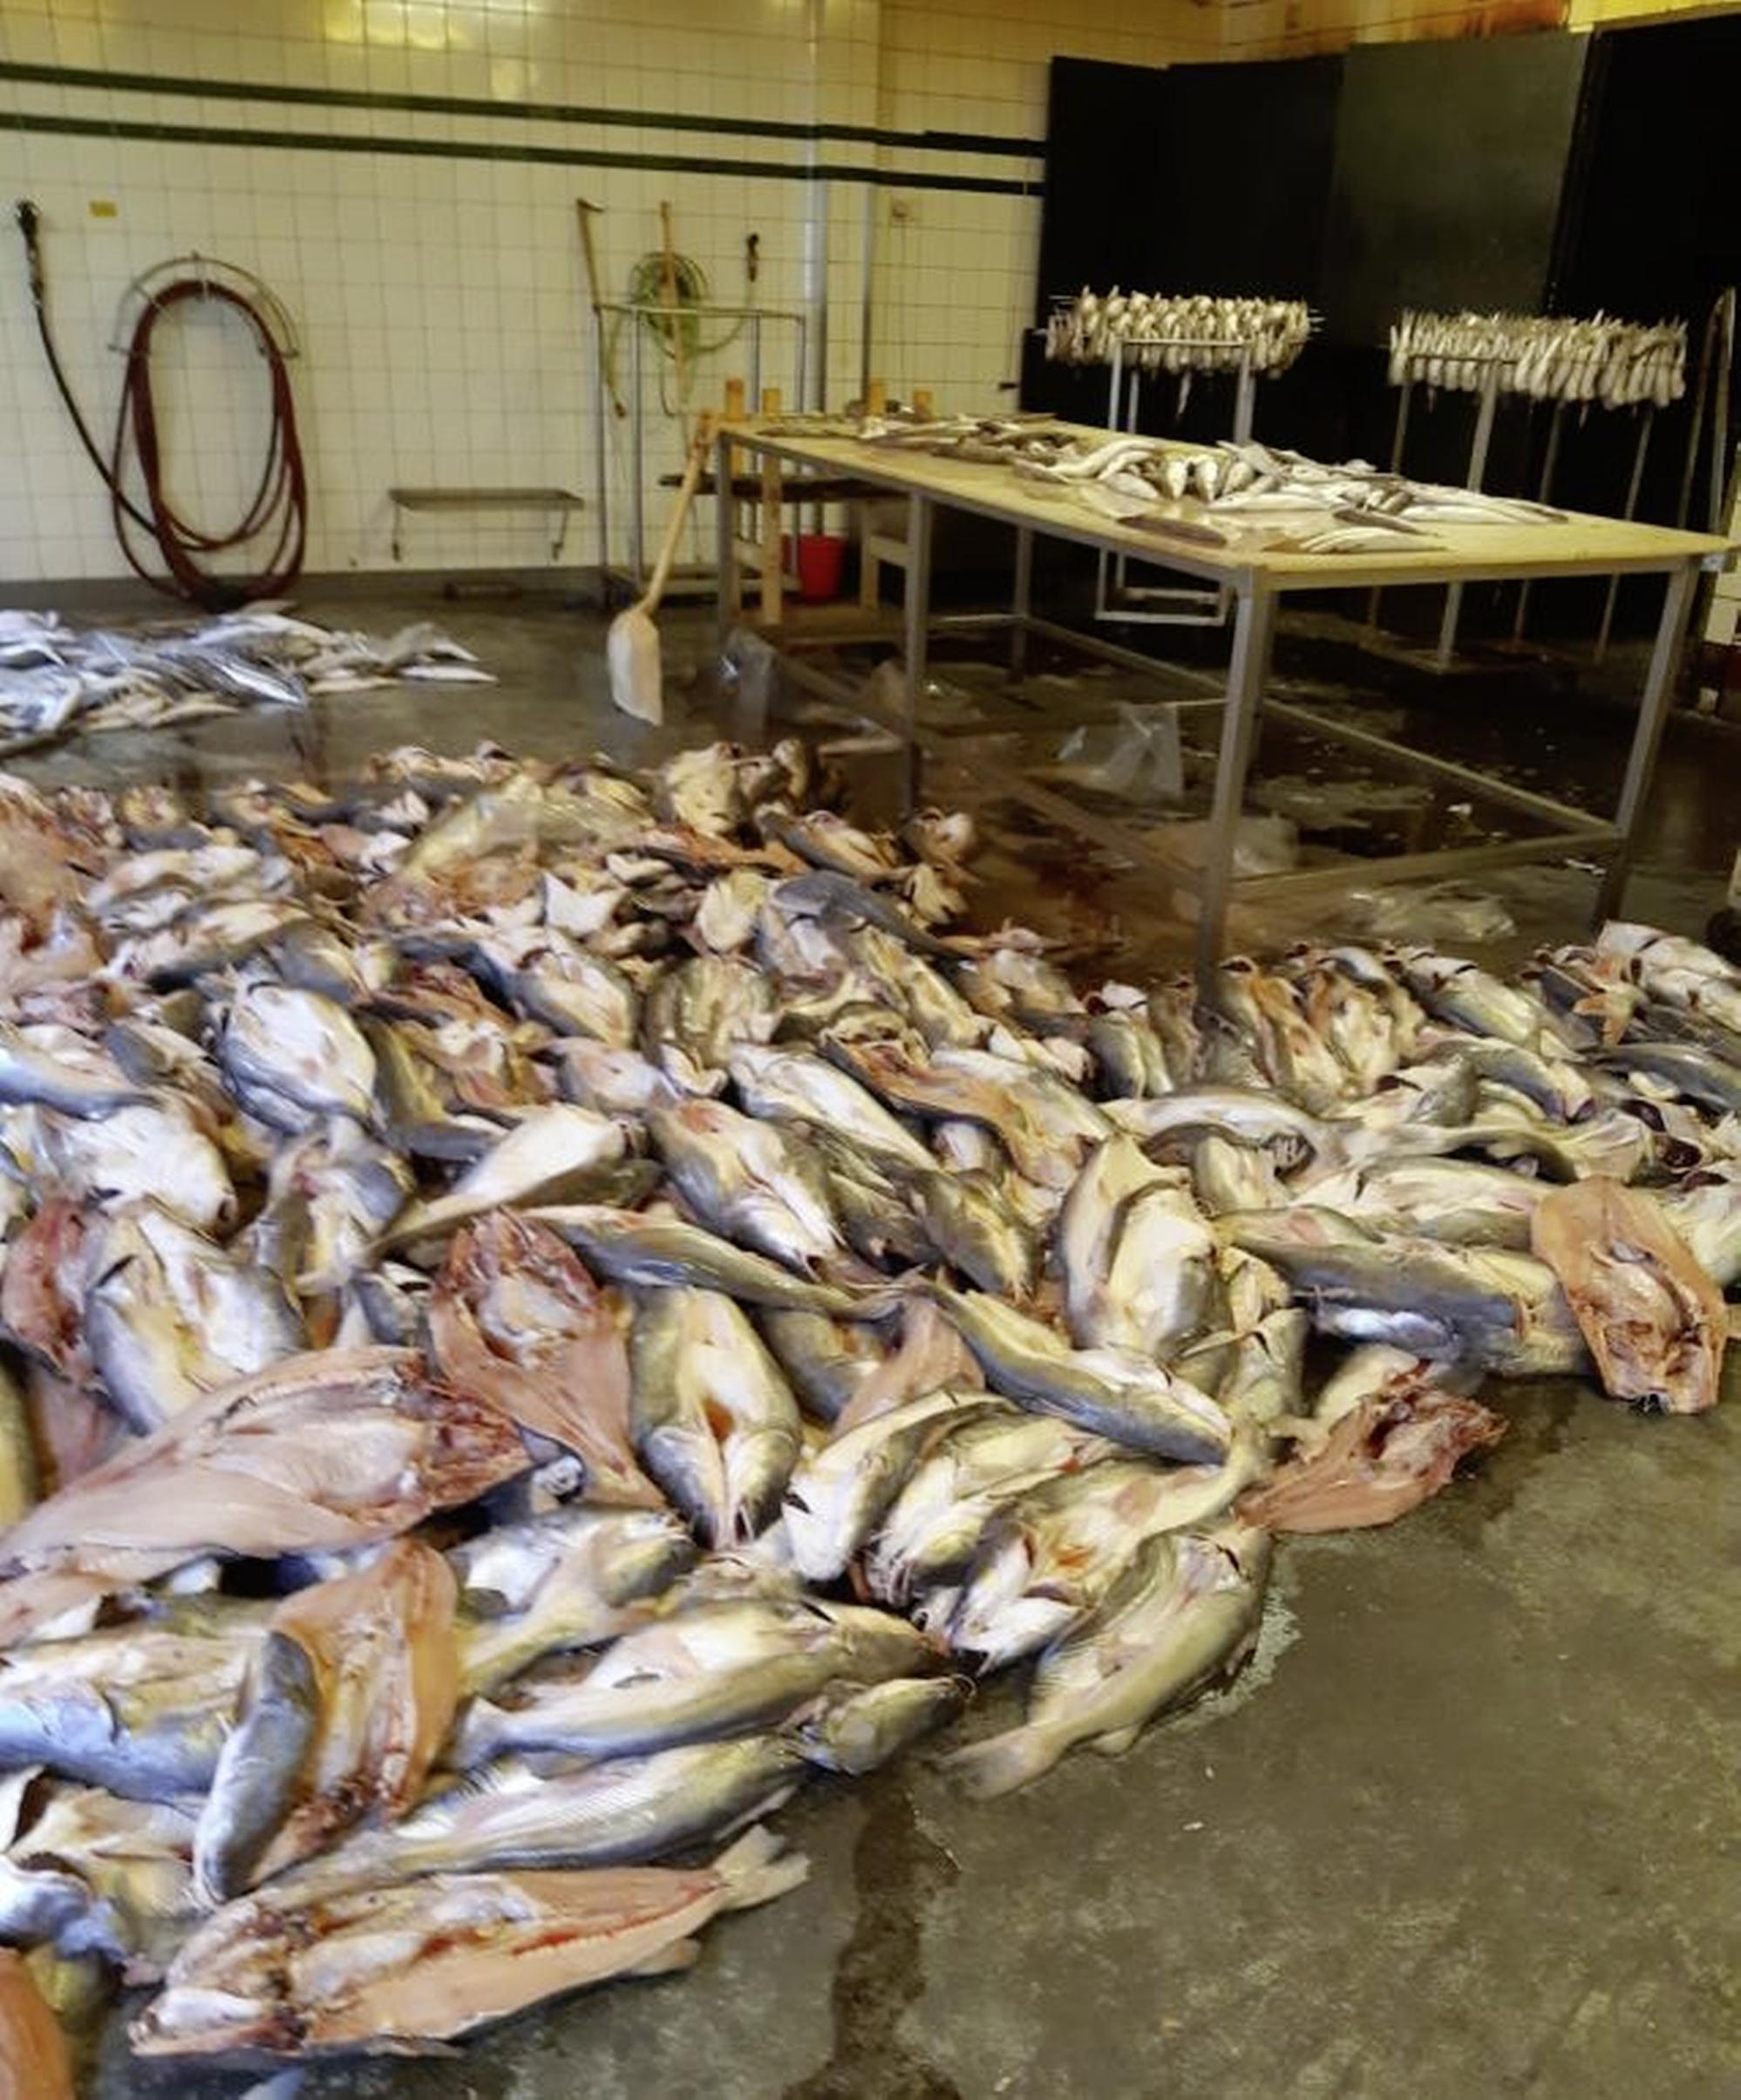 IJmuidens visbedrijf stilgelegd na inspectie NVWA; vuile bedrijfsruimte en vis op de werkvloer